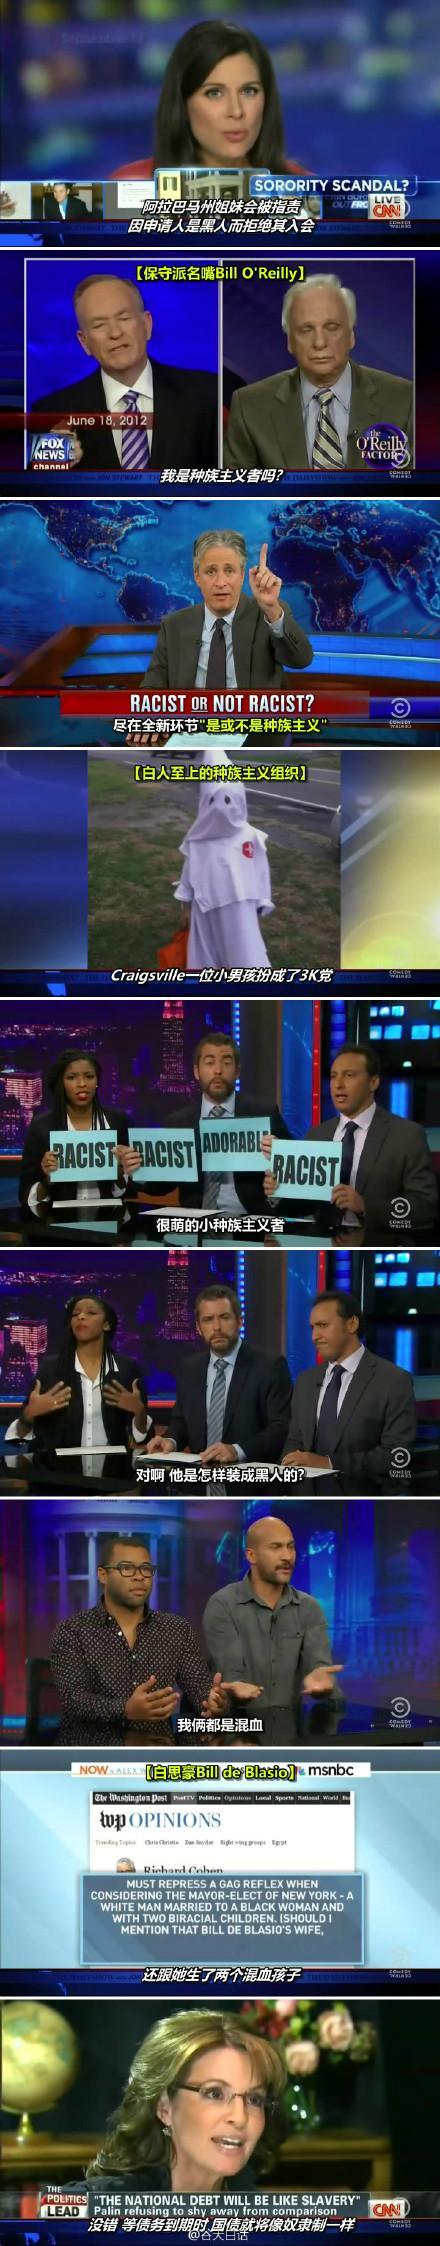 囧司徒每日秀 2013.11.13【是不是种族主义?】